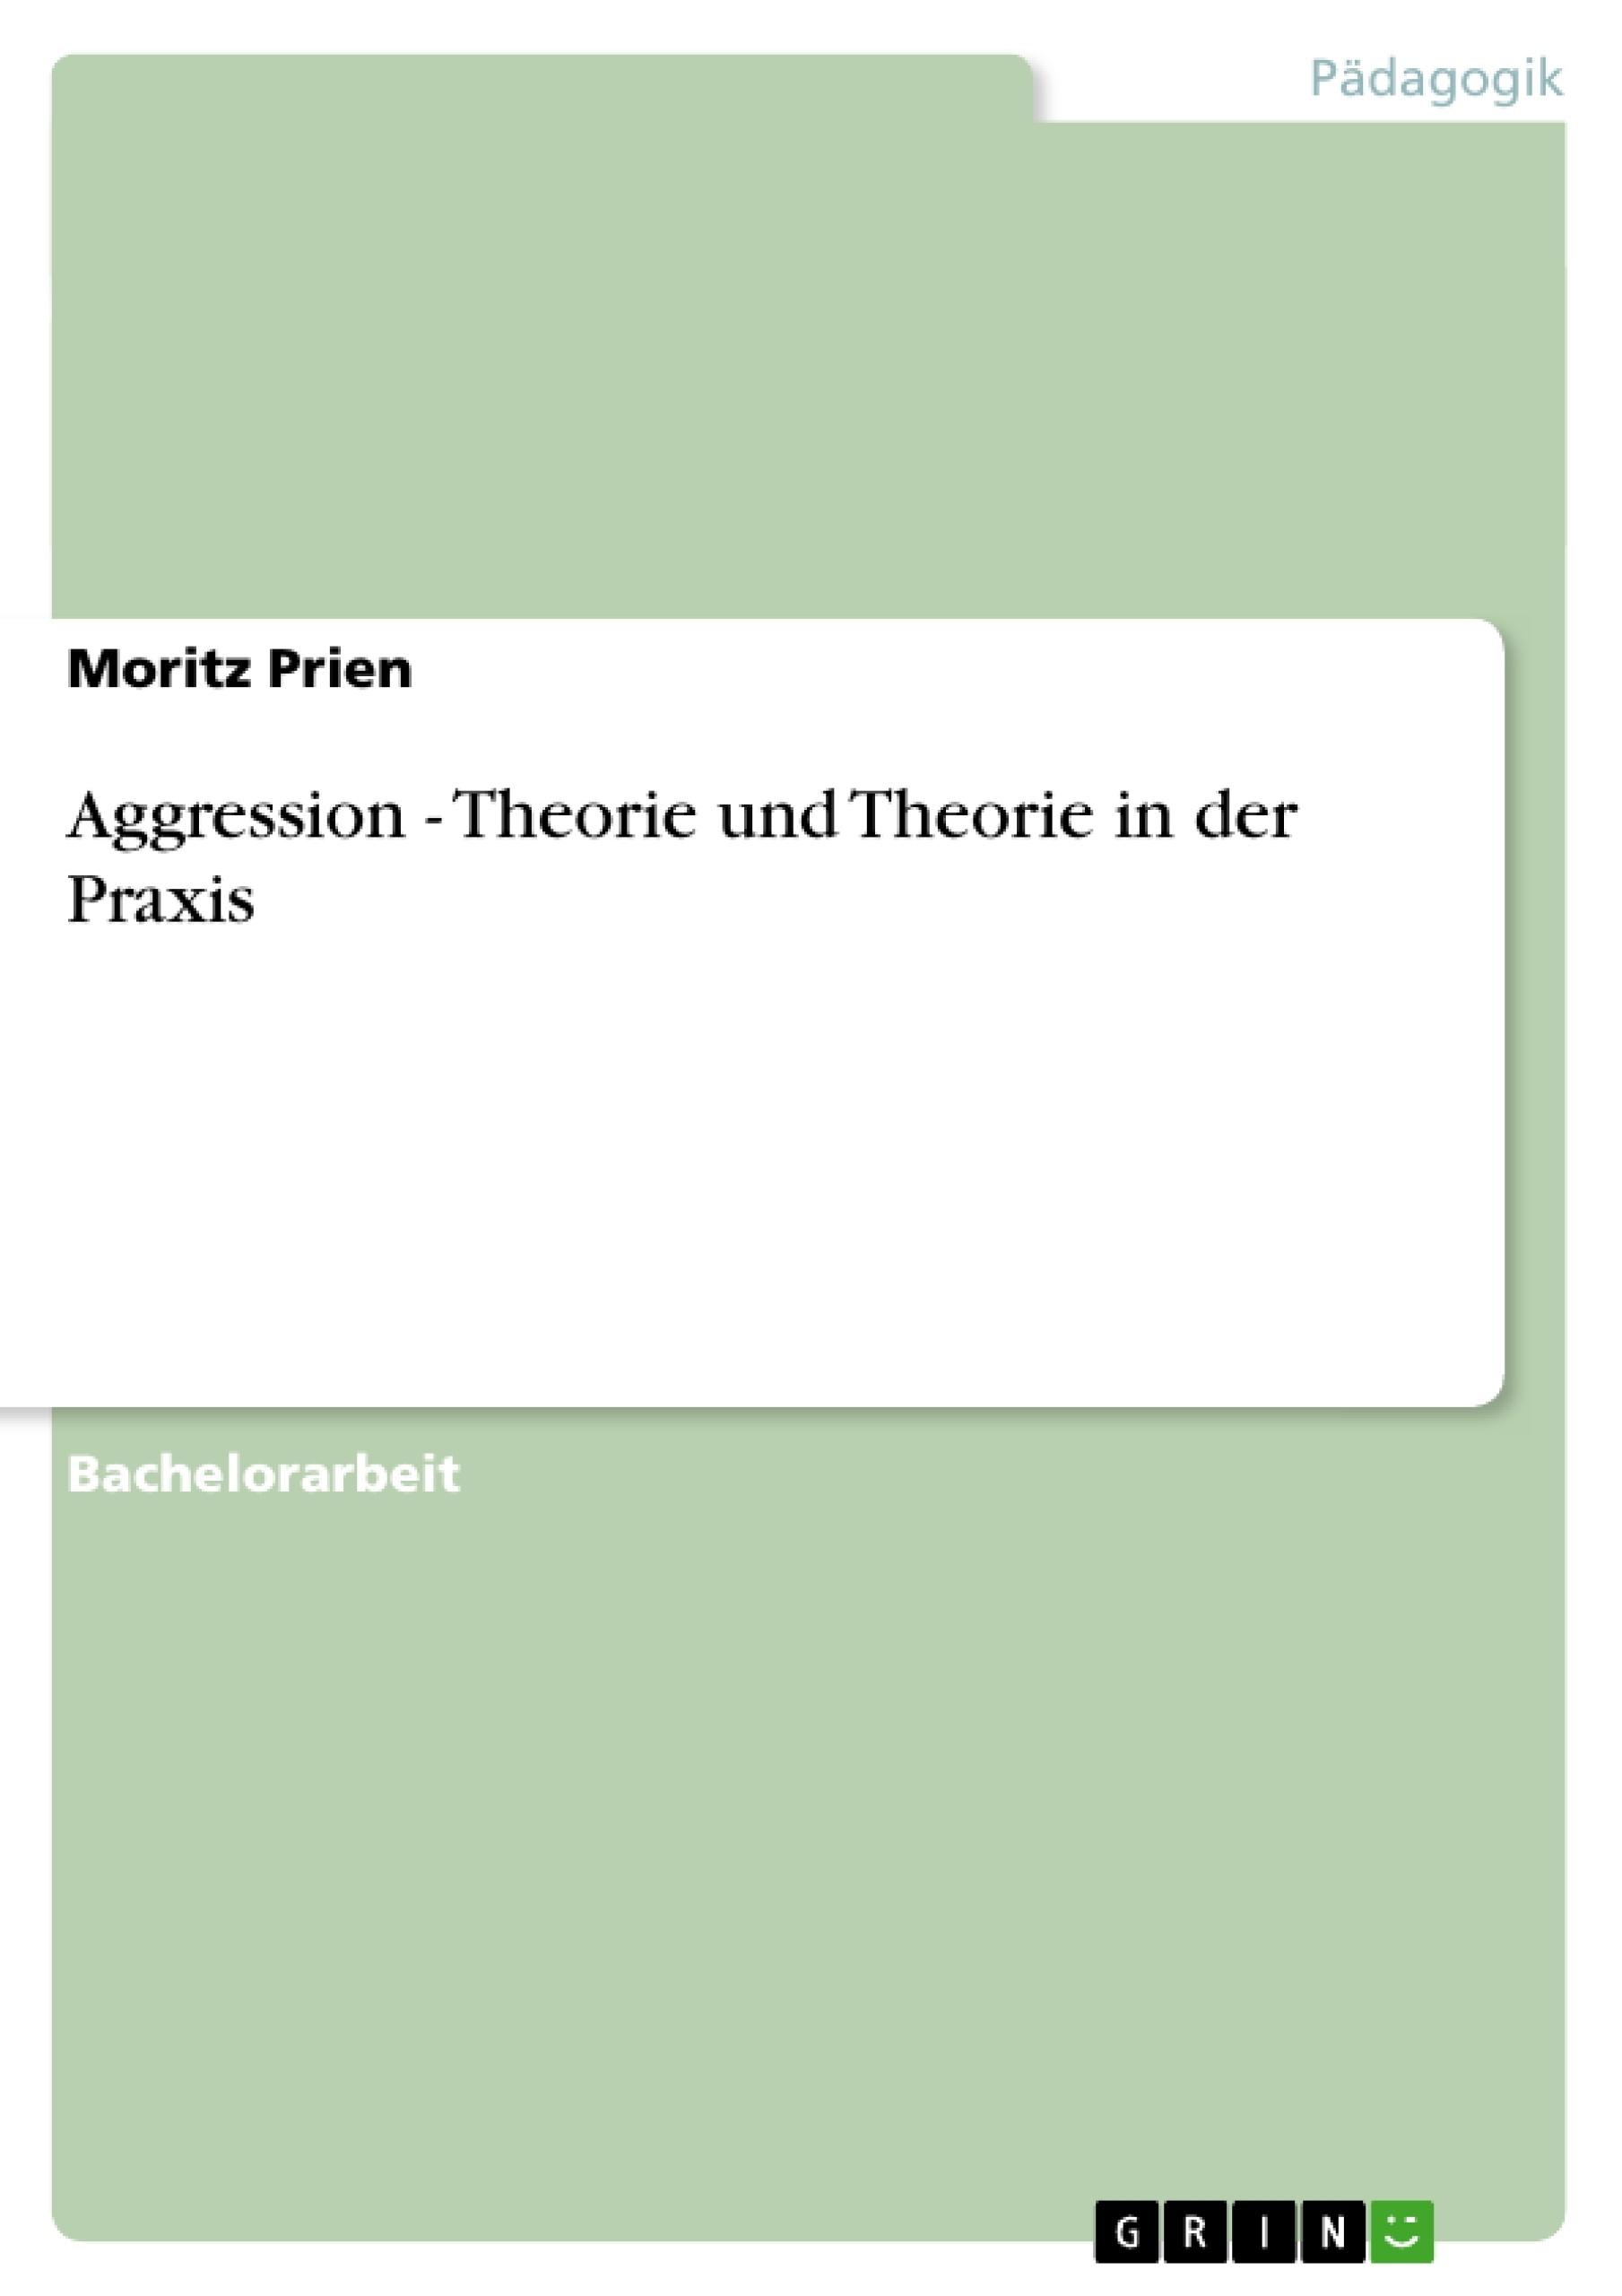 Titel: Aggression - Theorie und Theorie in der Praxis